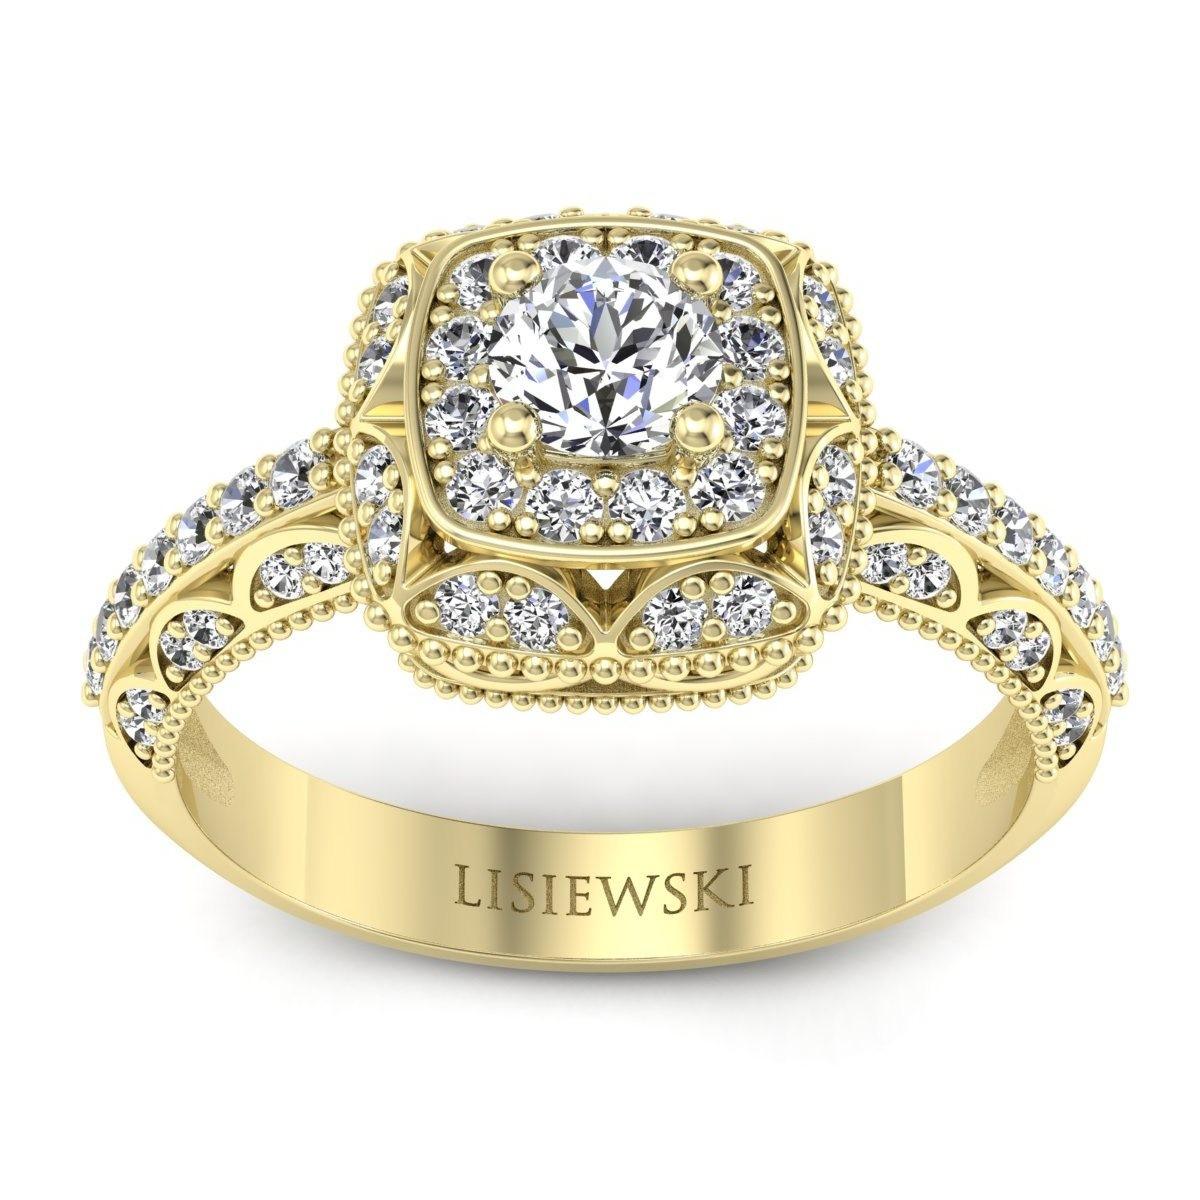 Elizabeth - Pierścionek złoty z diamentami